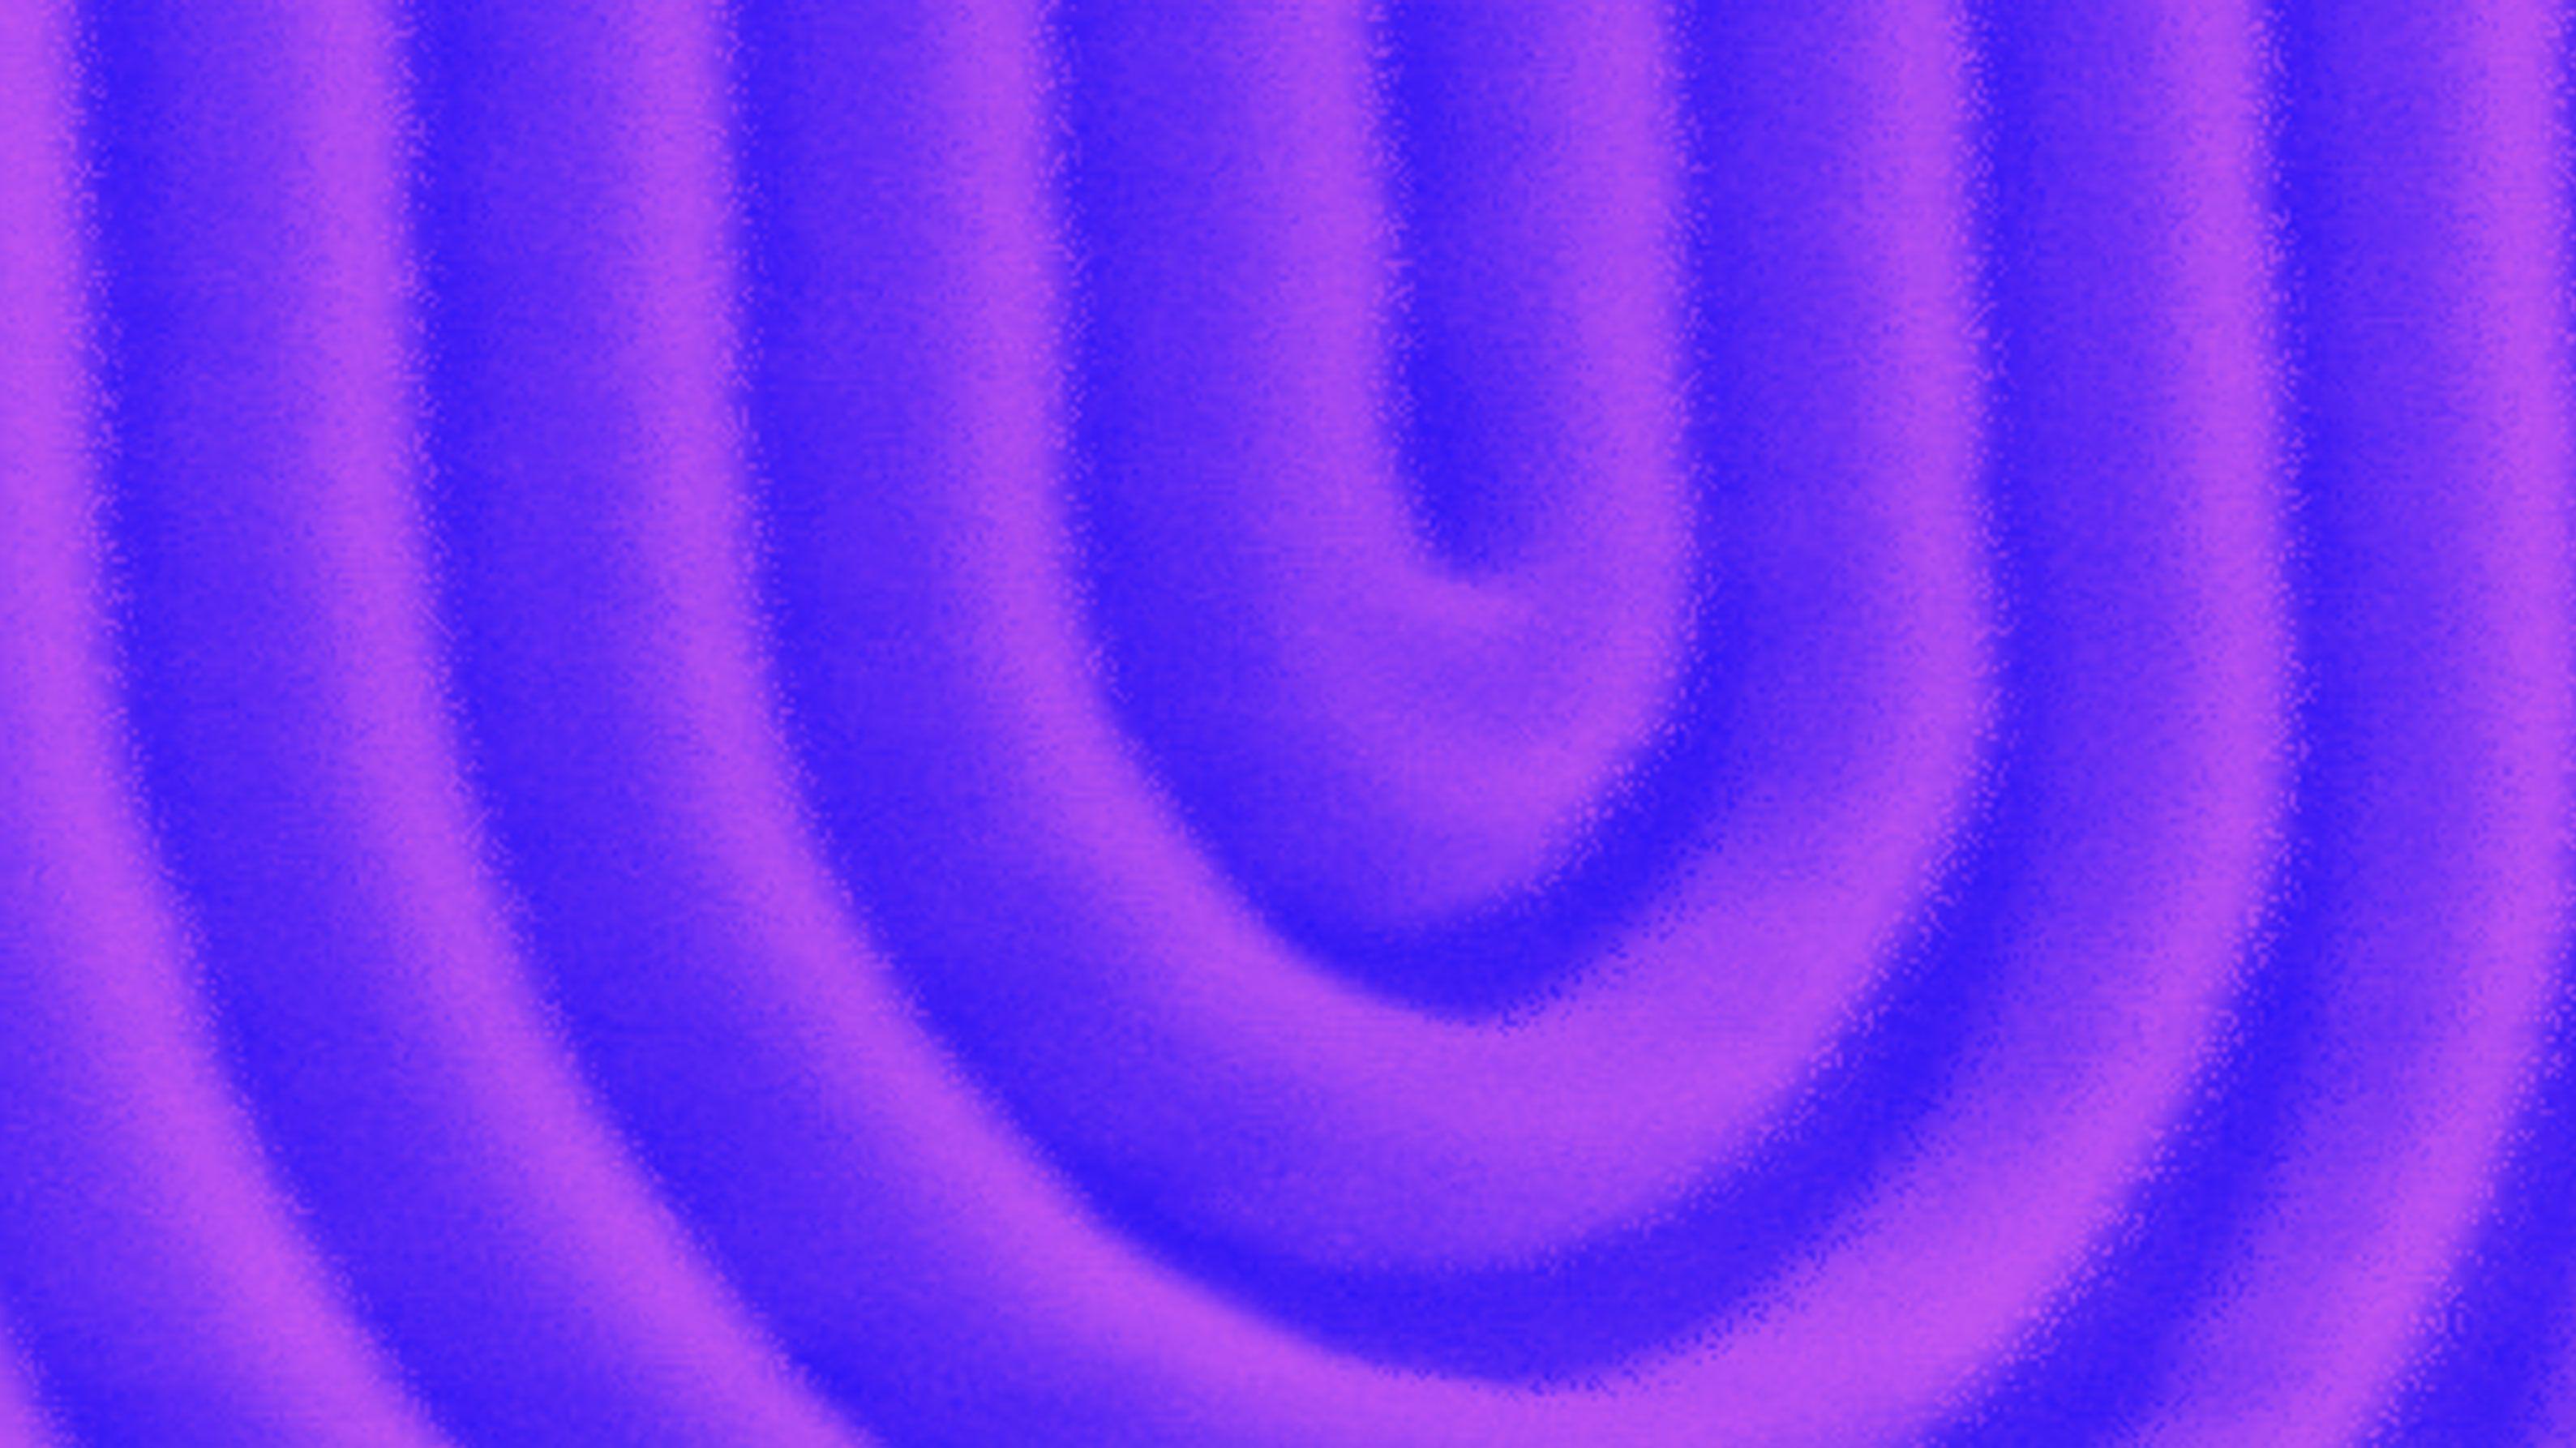 人工パターンに集光できるメタレンズ、チップ応用に期待も